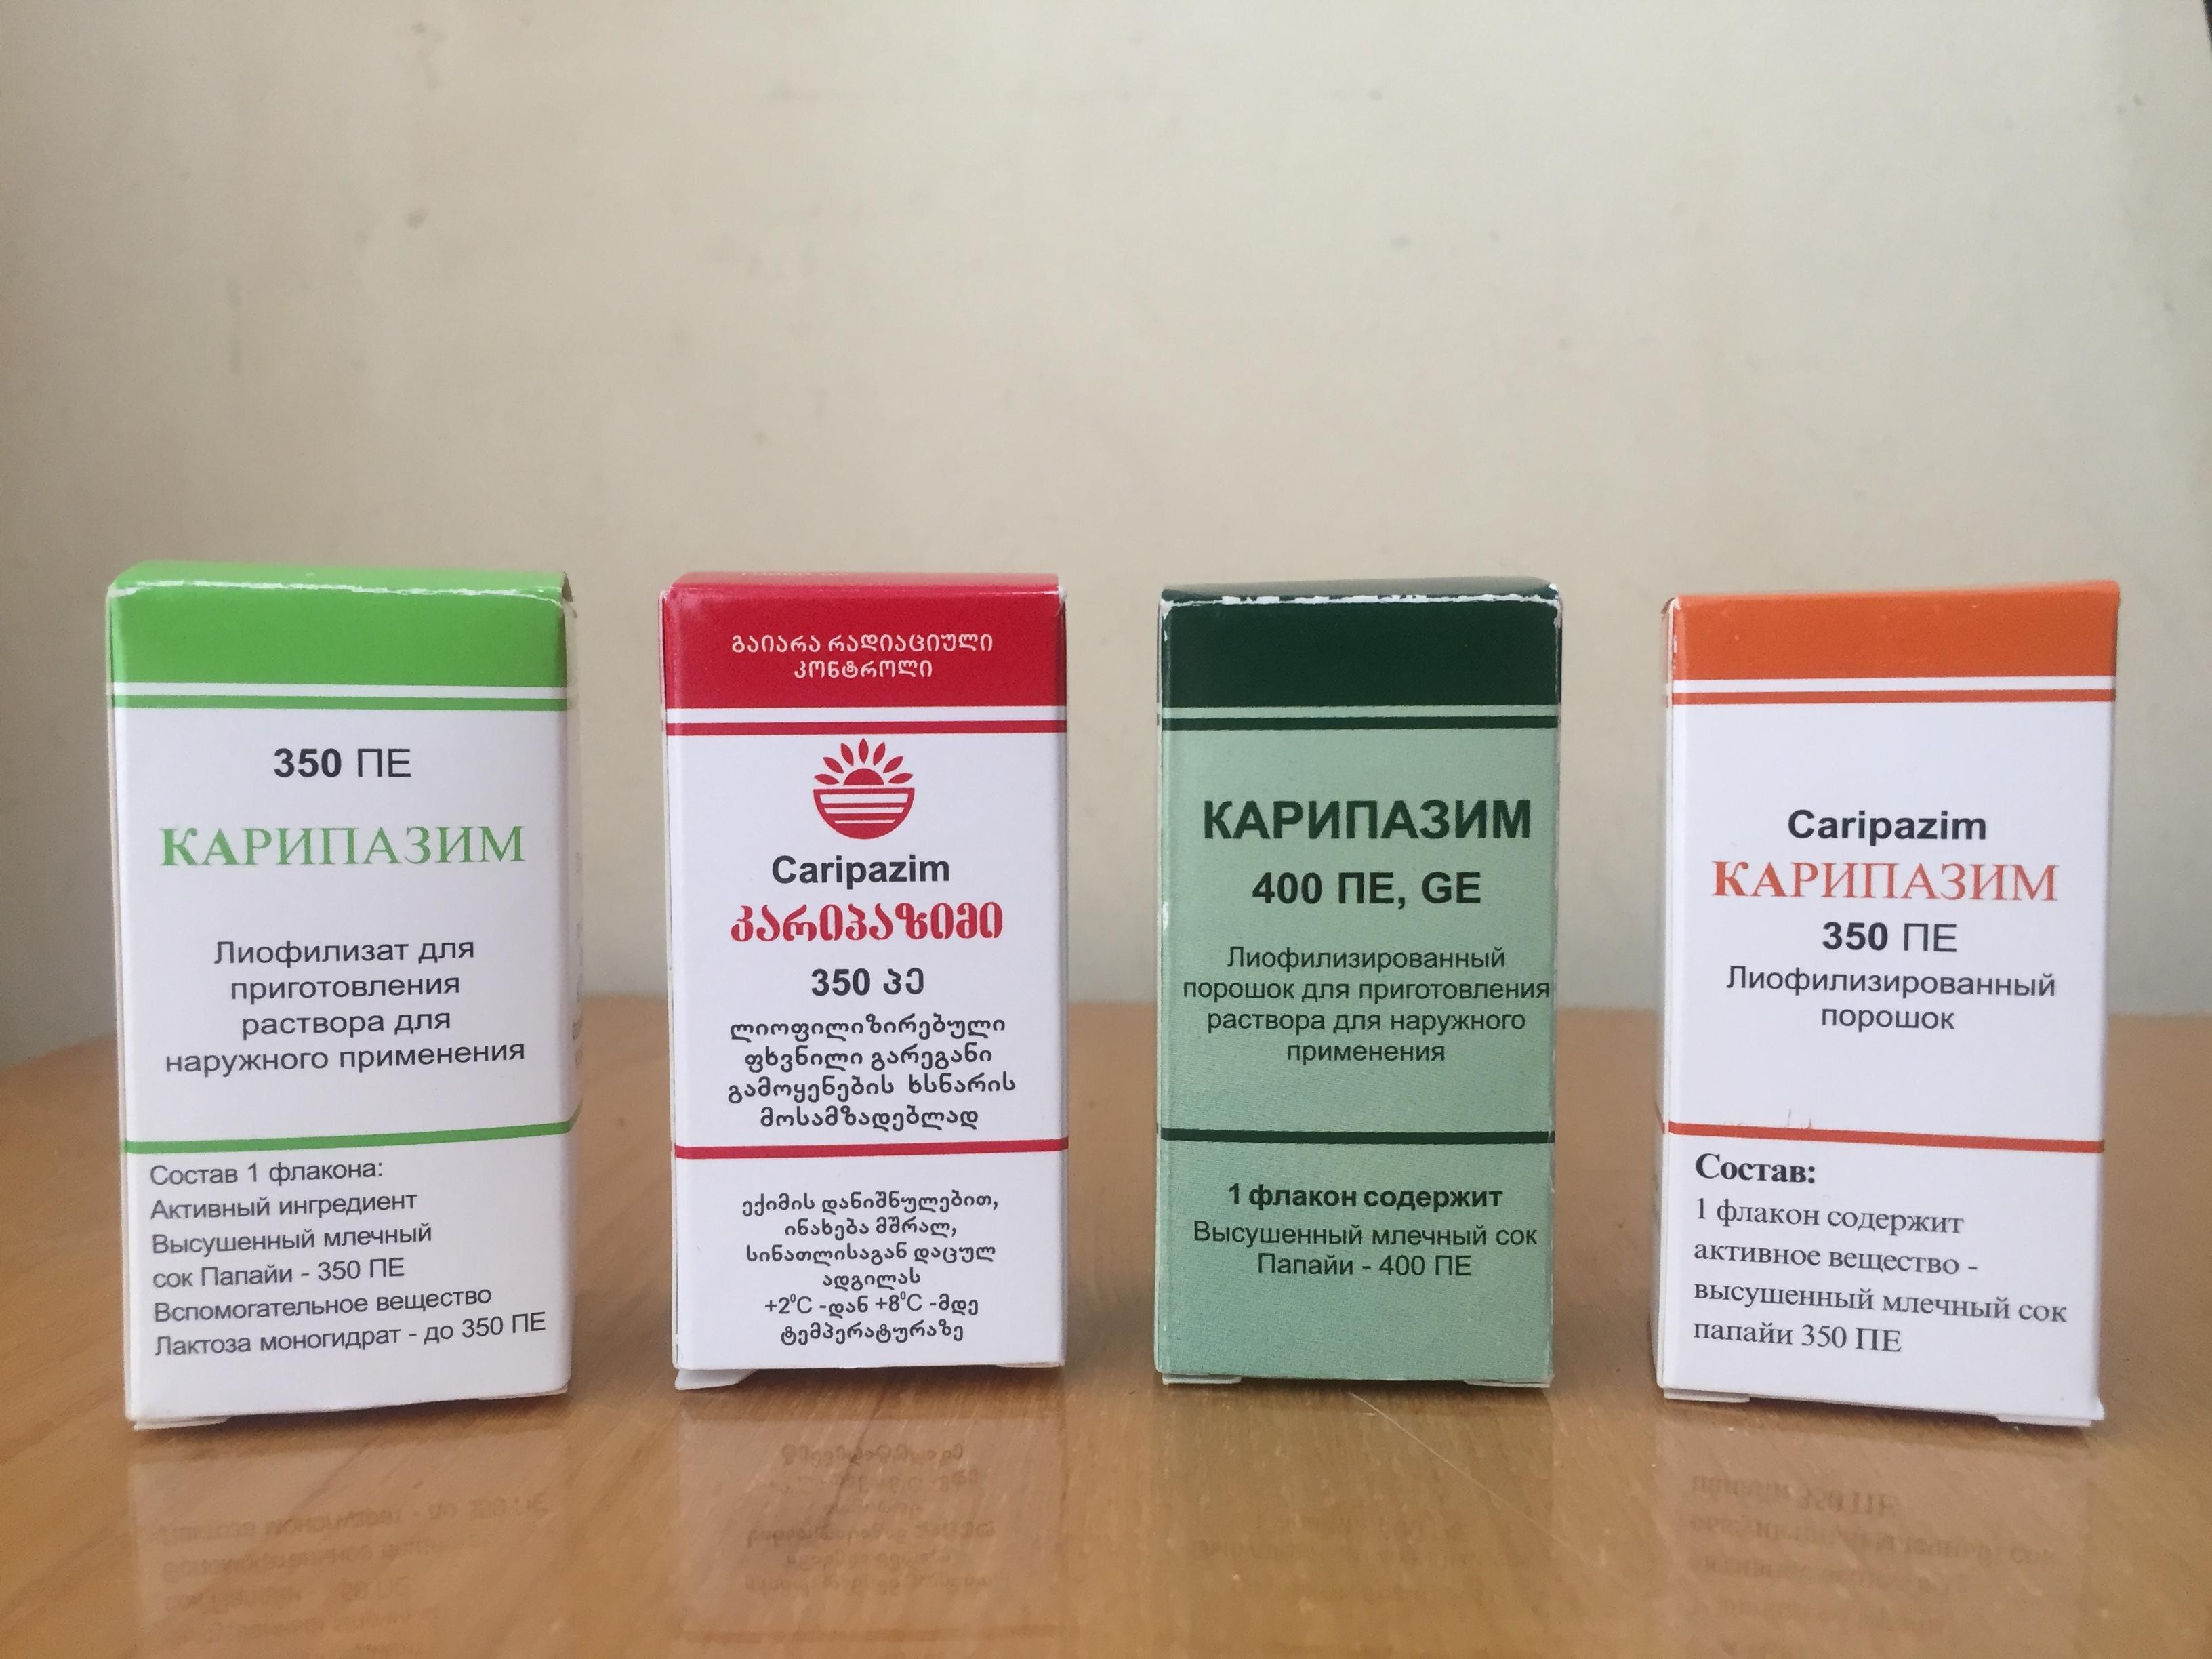 Caripazim® - Turkmenistan